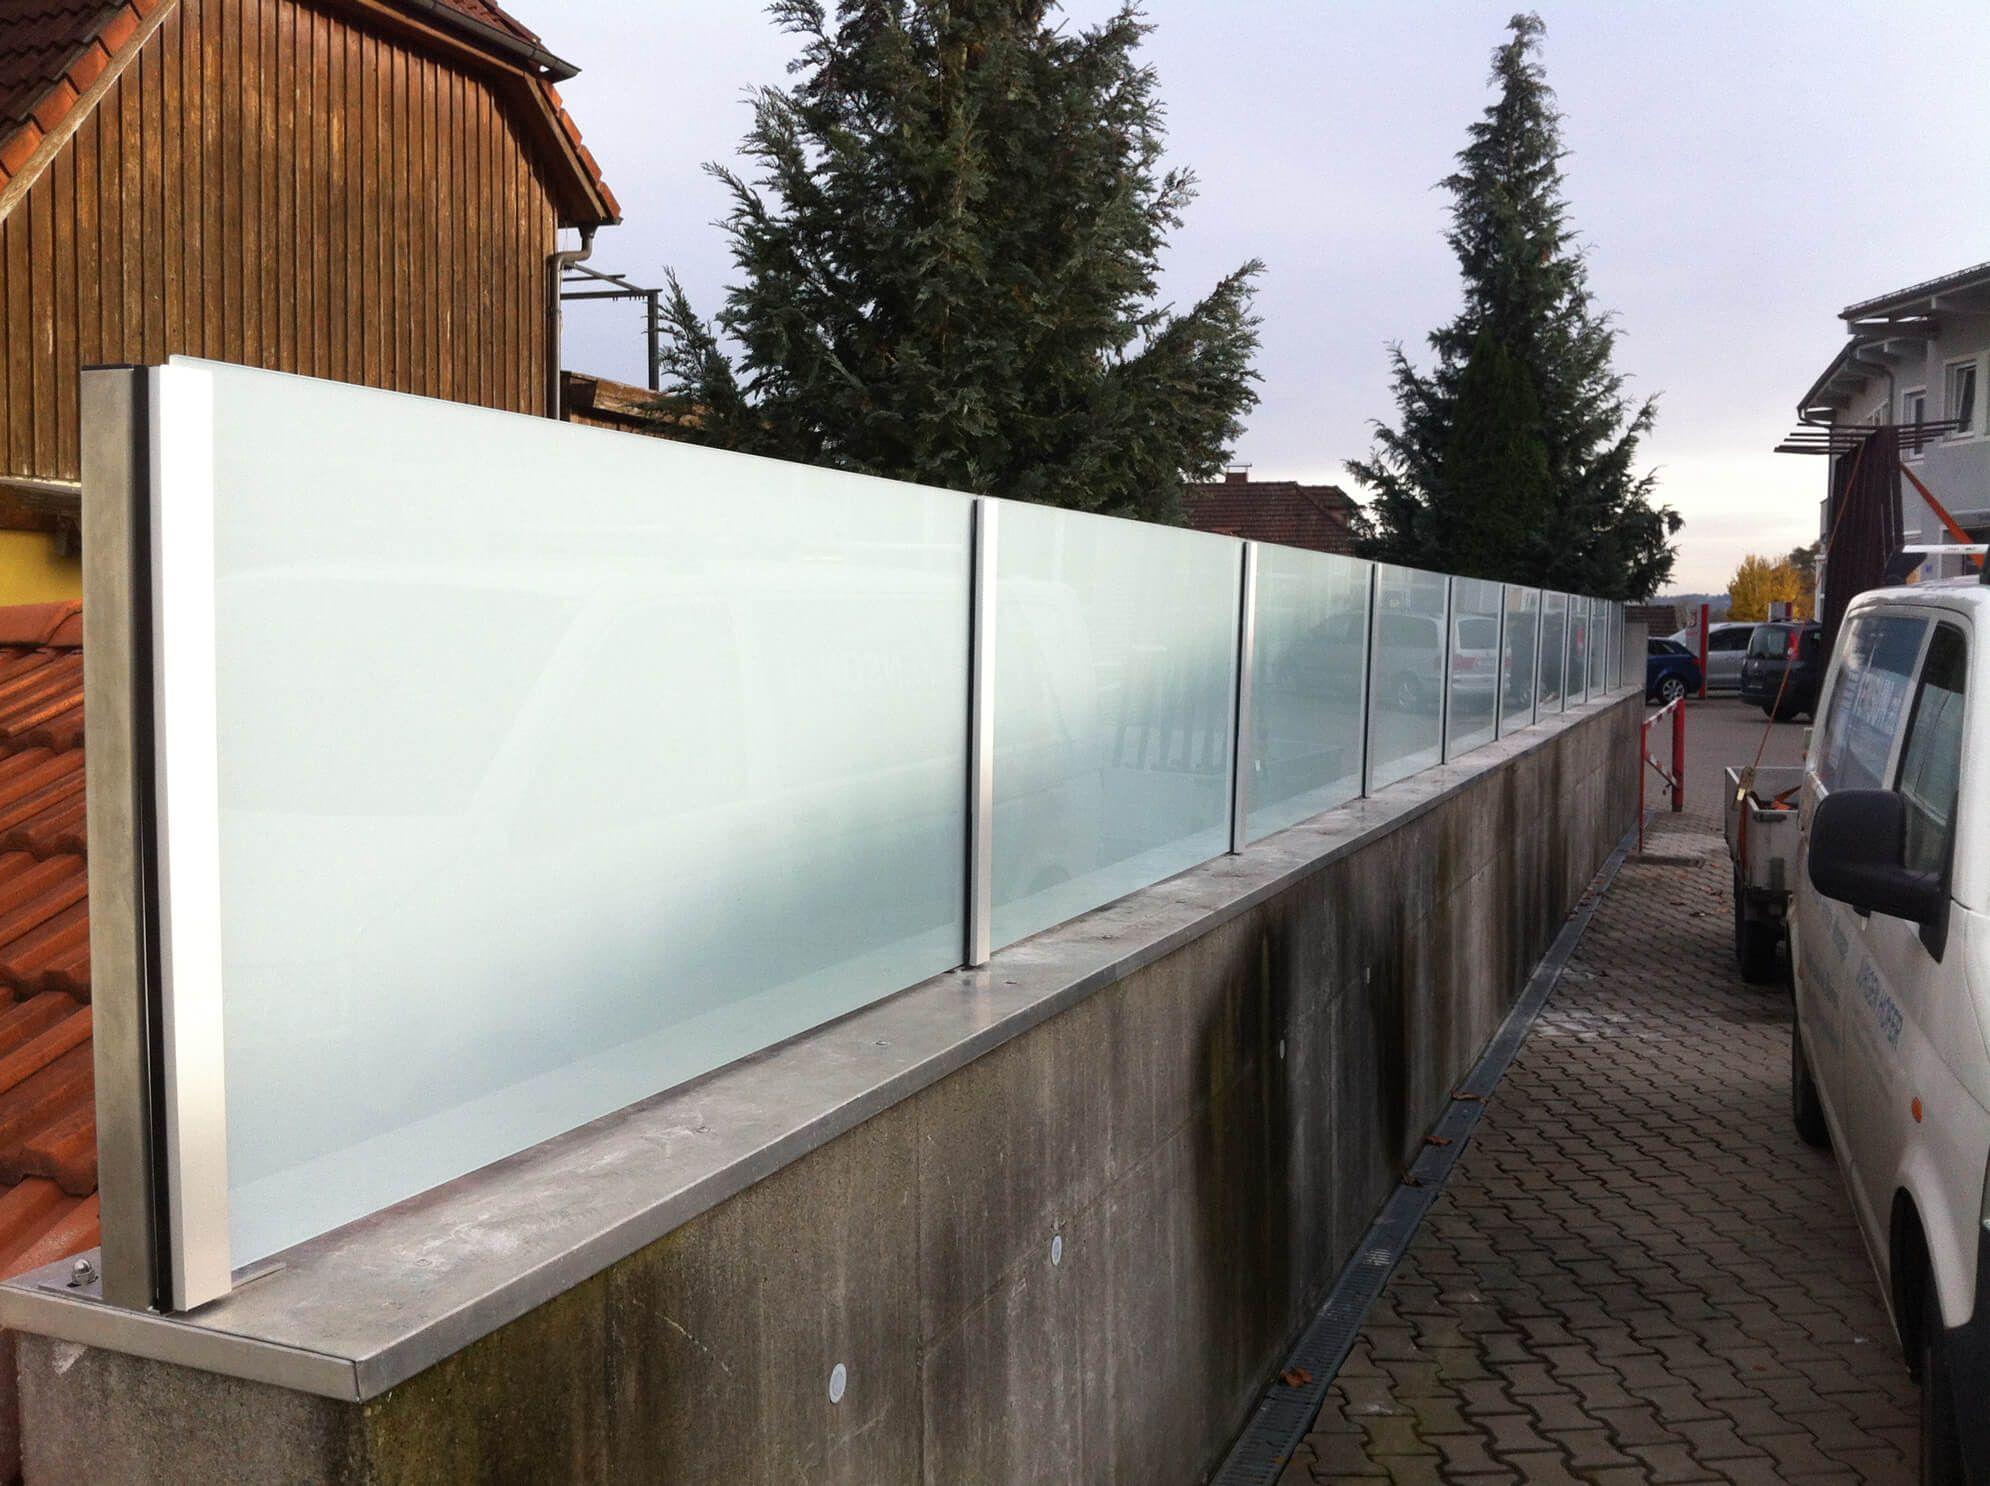 Freistehender Windschutz Glas Wintergarten Schmidinger Sichtschutz Glas Windschutz Glas Sichtschutz Terrasse Glas